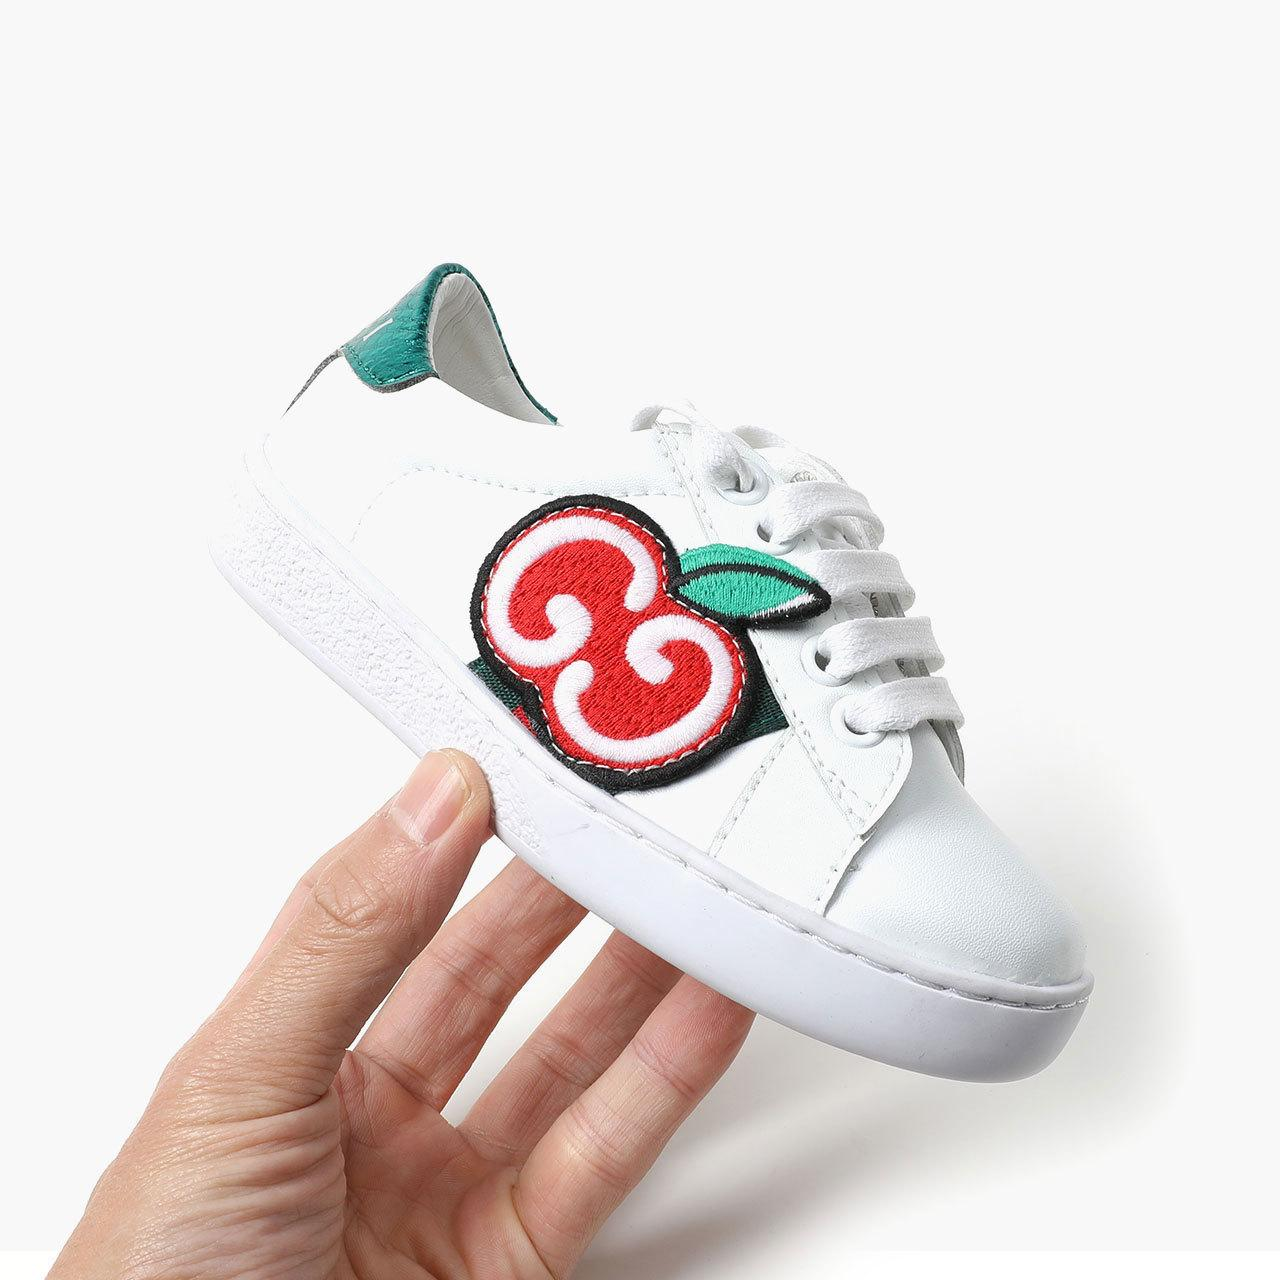 calçados esportivos da marca de design de calçados esportivos novas crianças sapatos casuais meninos e meninas clássicas sapatilhas de ponta quente de 2020